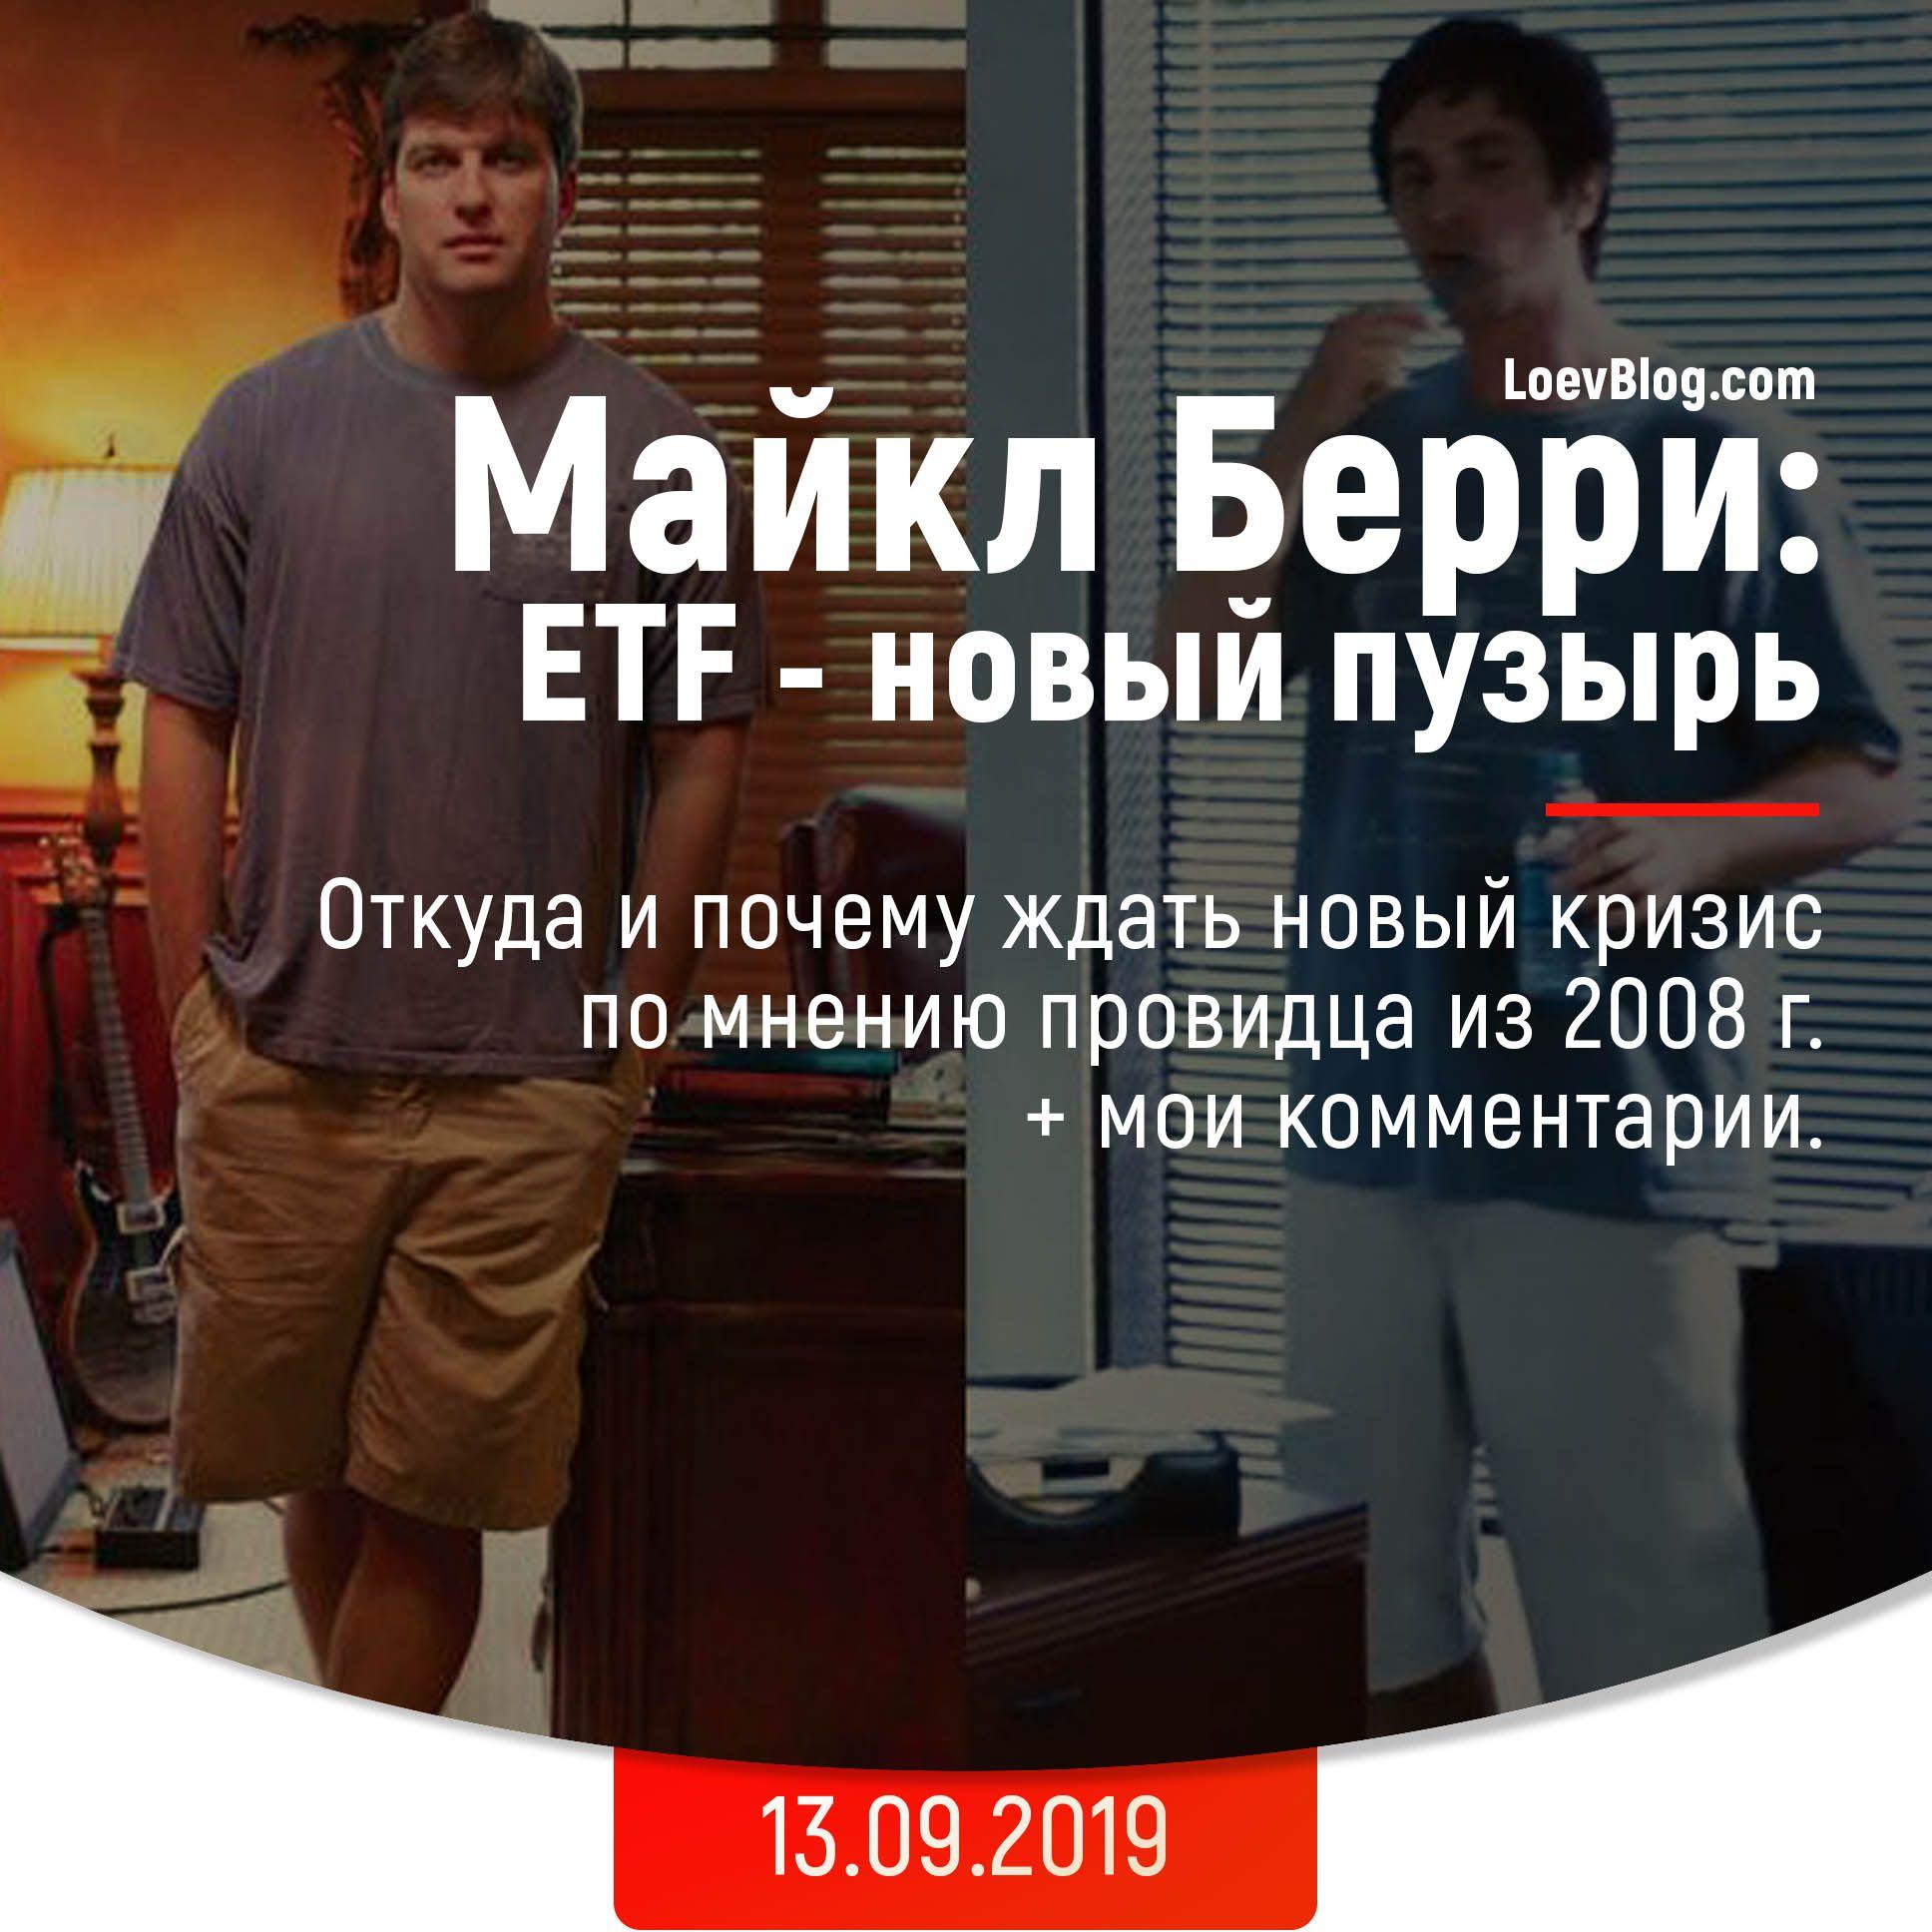 Майкл Берри: ETF - новый пузырь 5